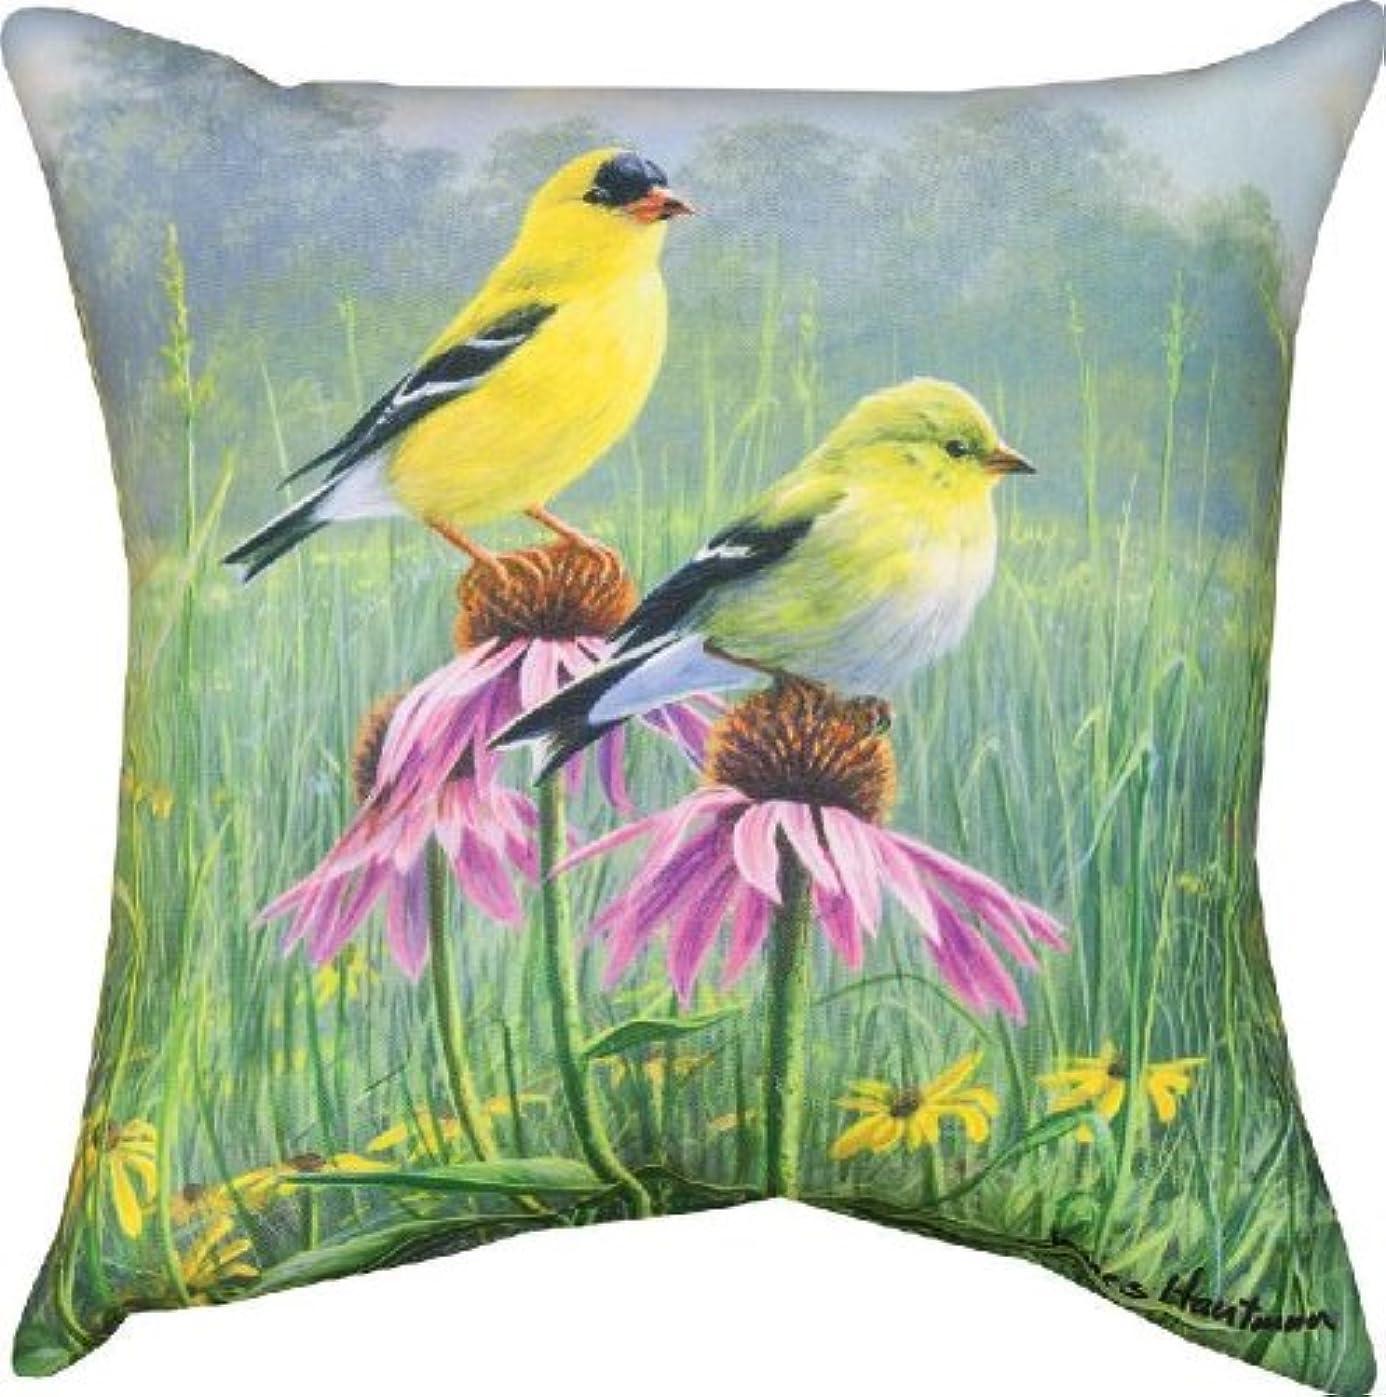 プレゼンテーション社員ハウジングManual Indoor/Outdoor Pillow, Yellow Finch Field X James Hautman, 18-Inch by Manual Woodworker [並行輸入品]